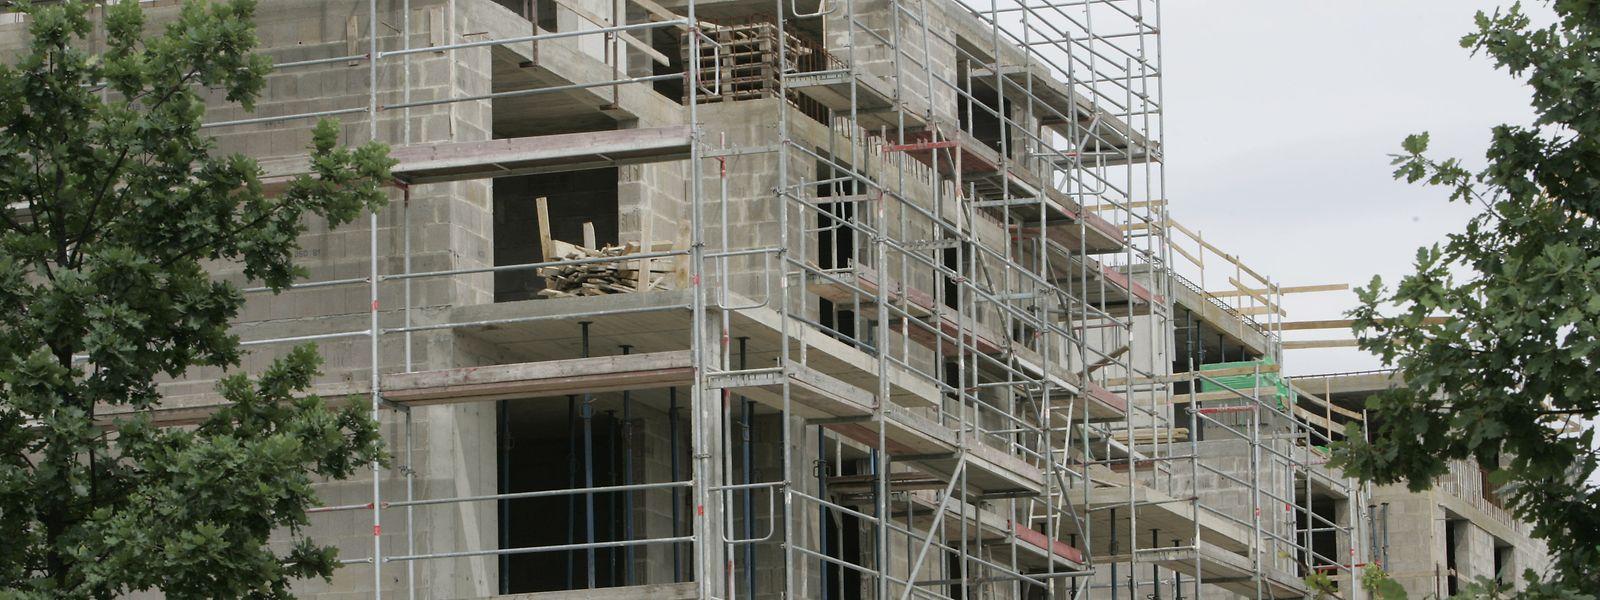 La pandémie a entraîné des retards de construction importants sur certains chantiers.